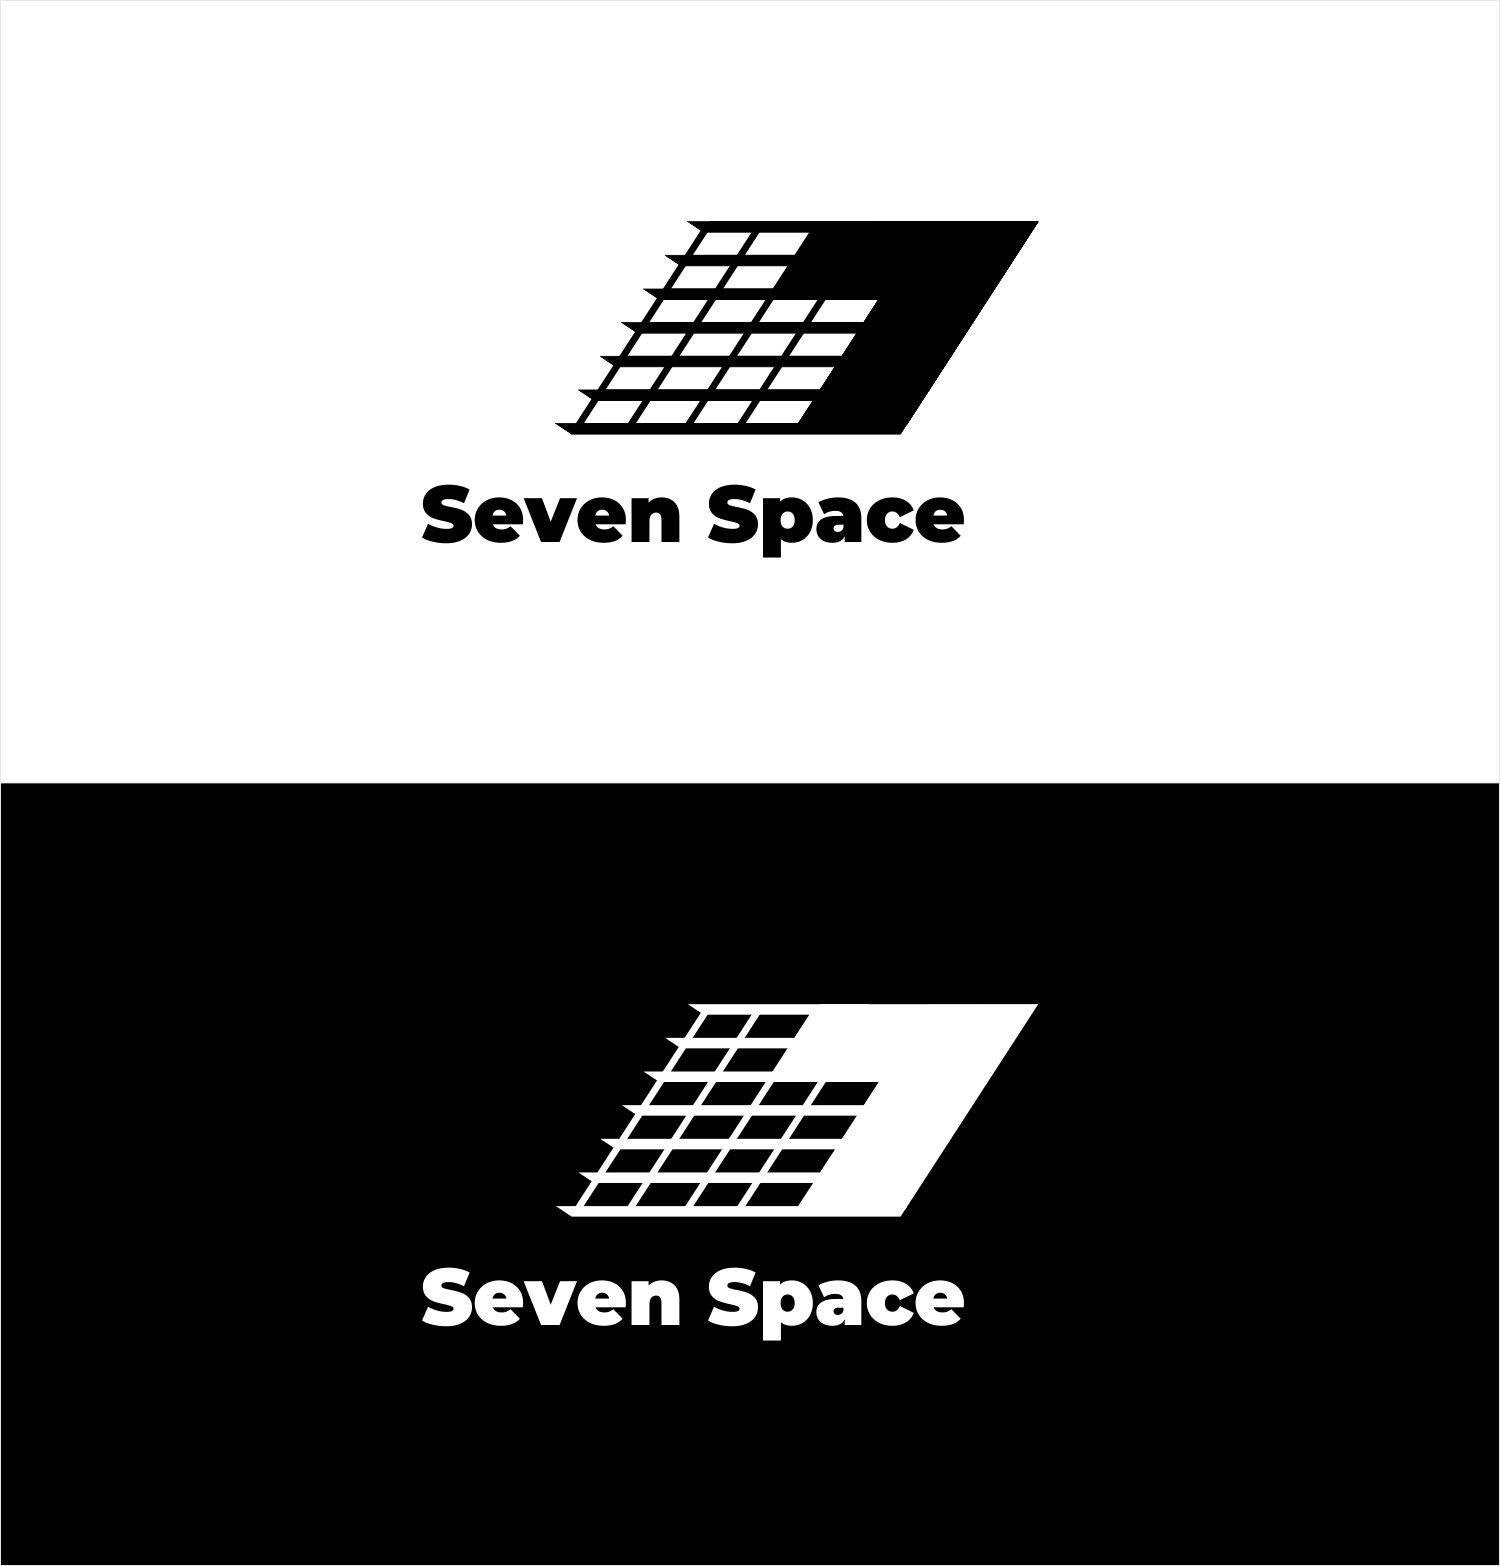 Логотип для Seven Space - дизайнер kras-sky